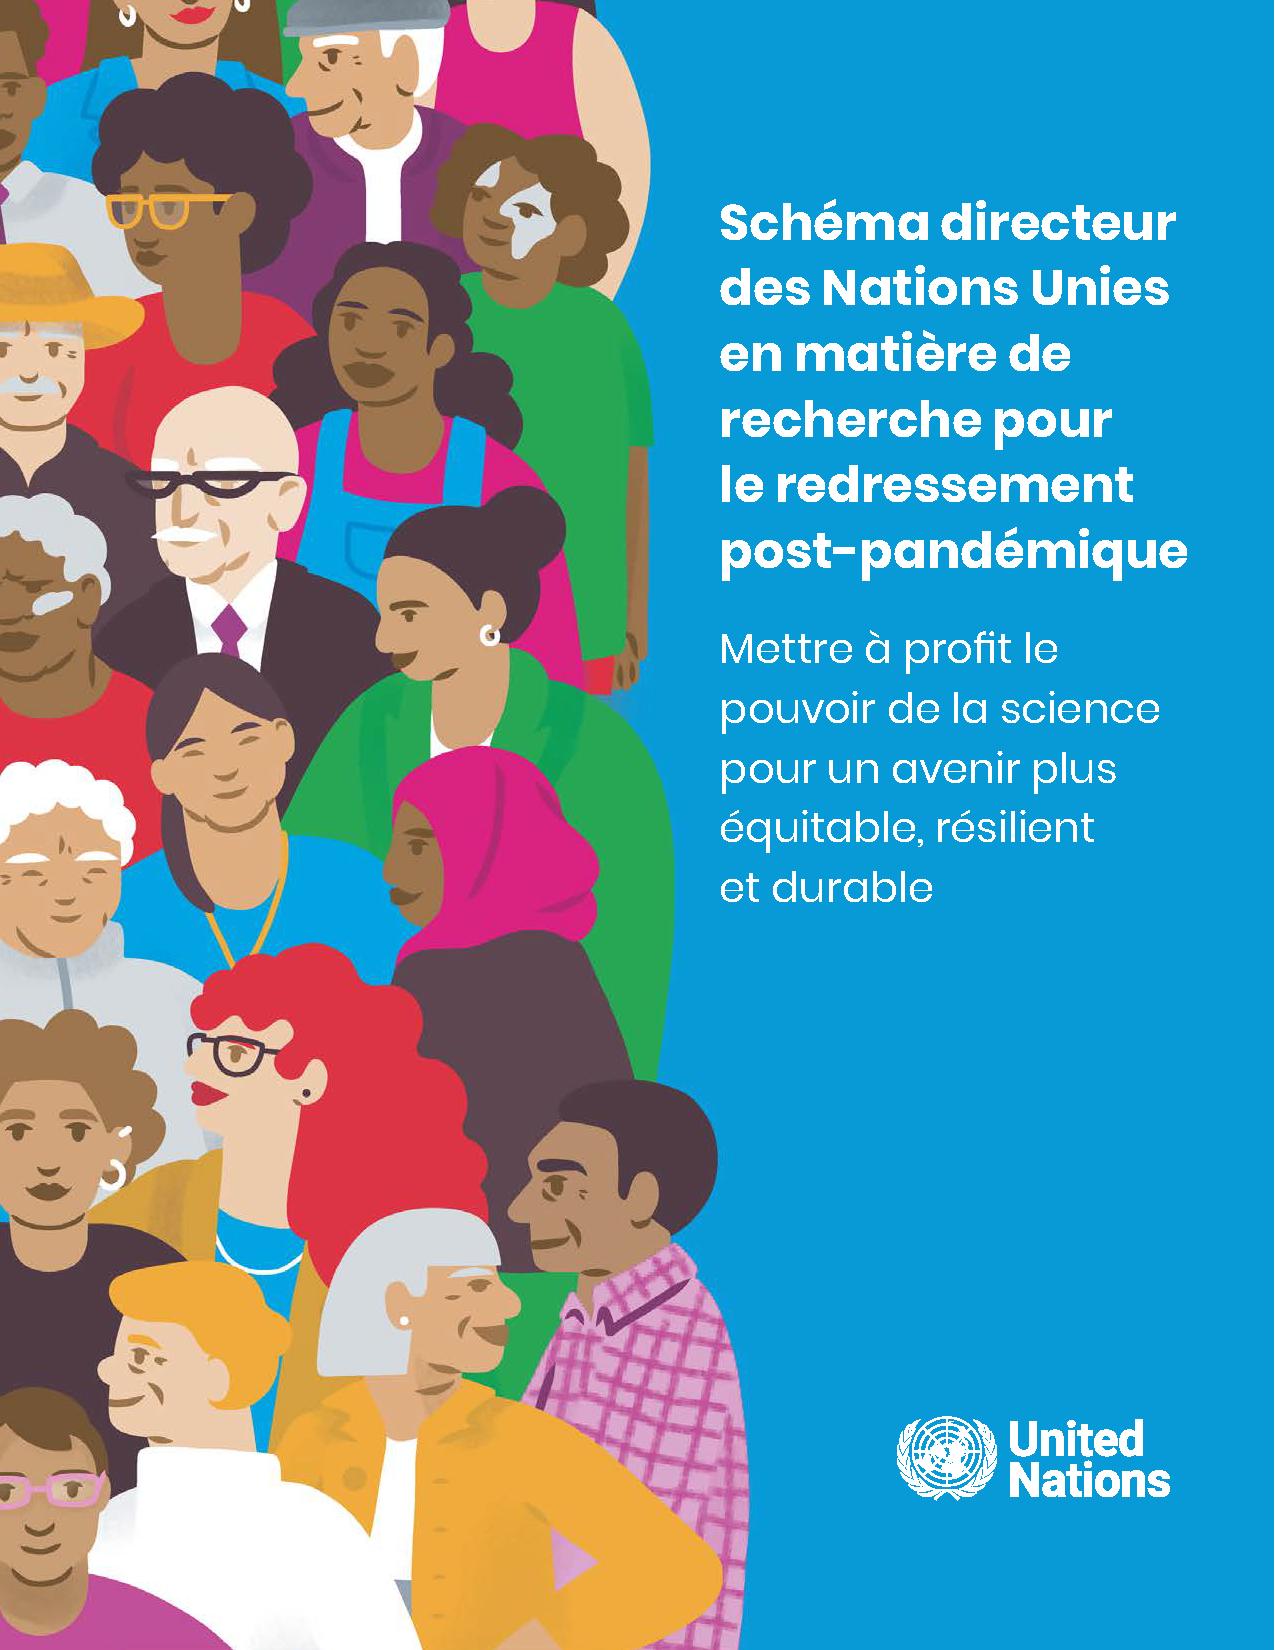 Schéma directeur des Nations Unies en matière de recherche pour le redressement post-pandémique